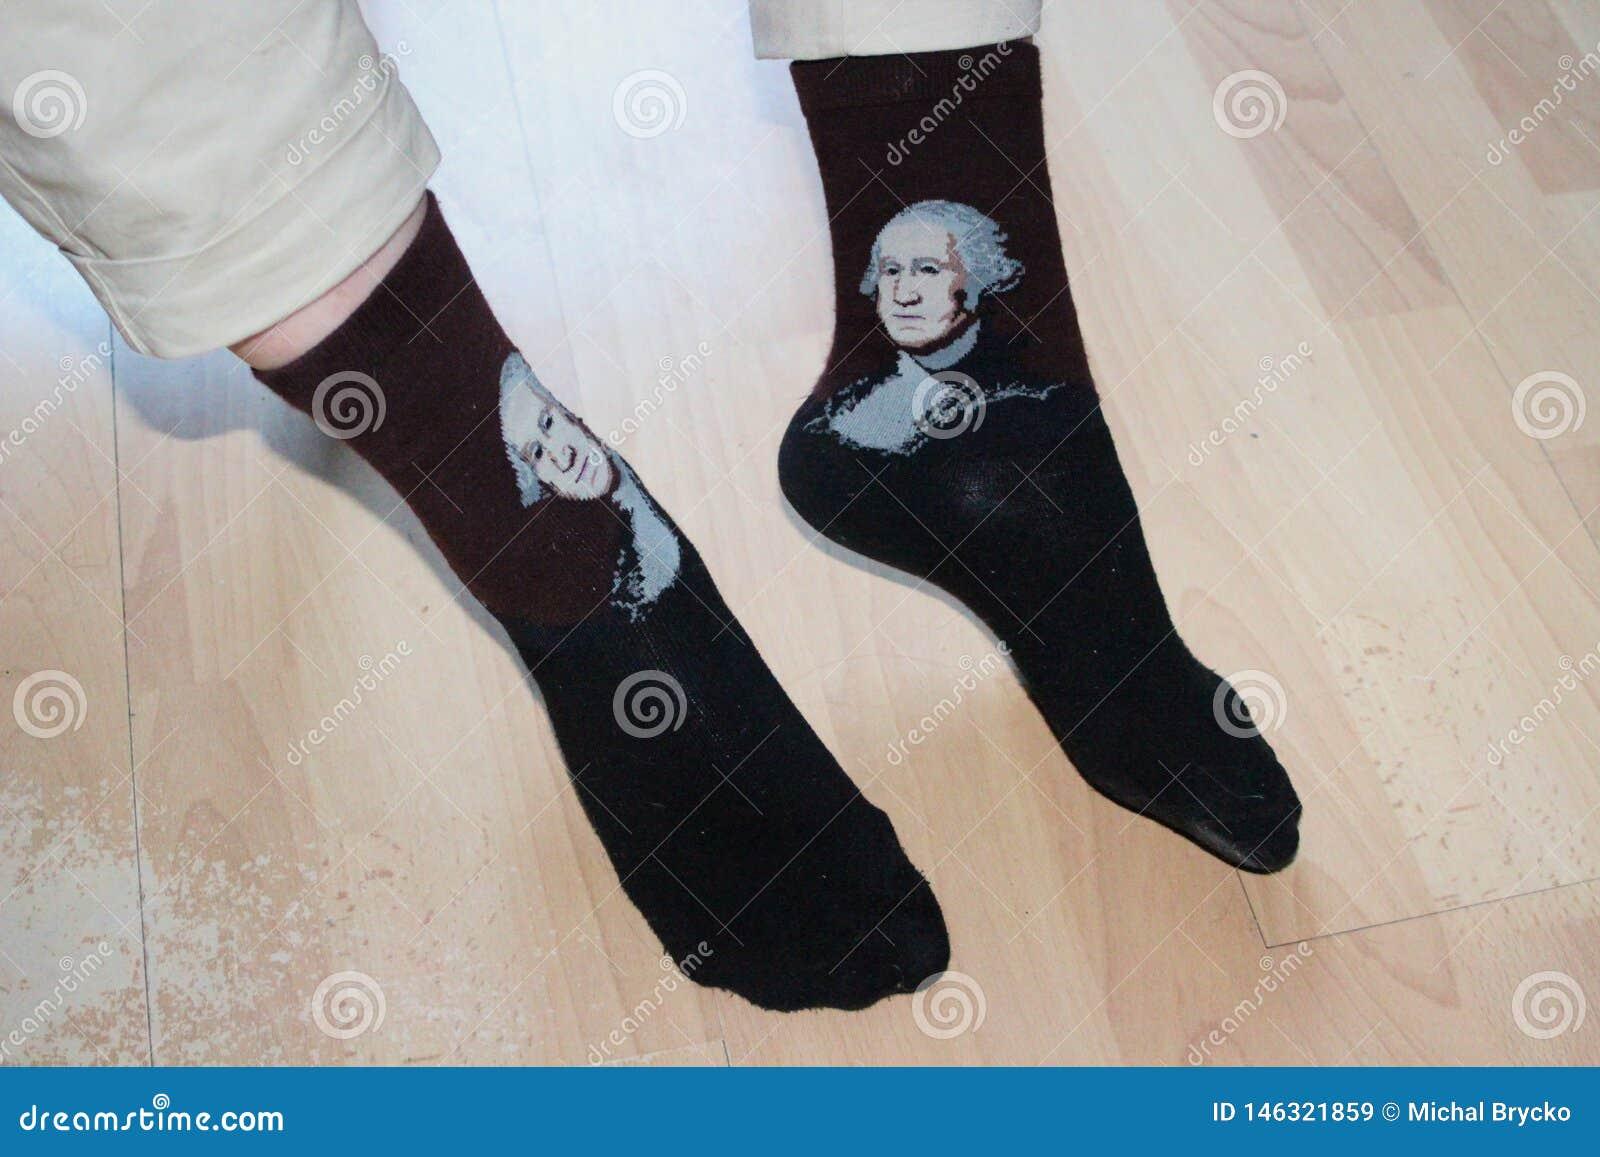 Κάλτσες με Μότσαρτ στα μαλακά πόδια